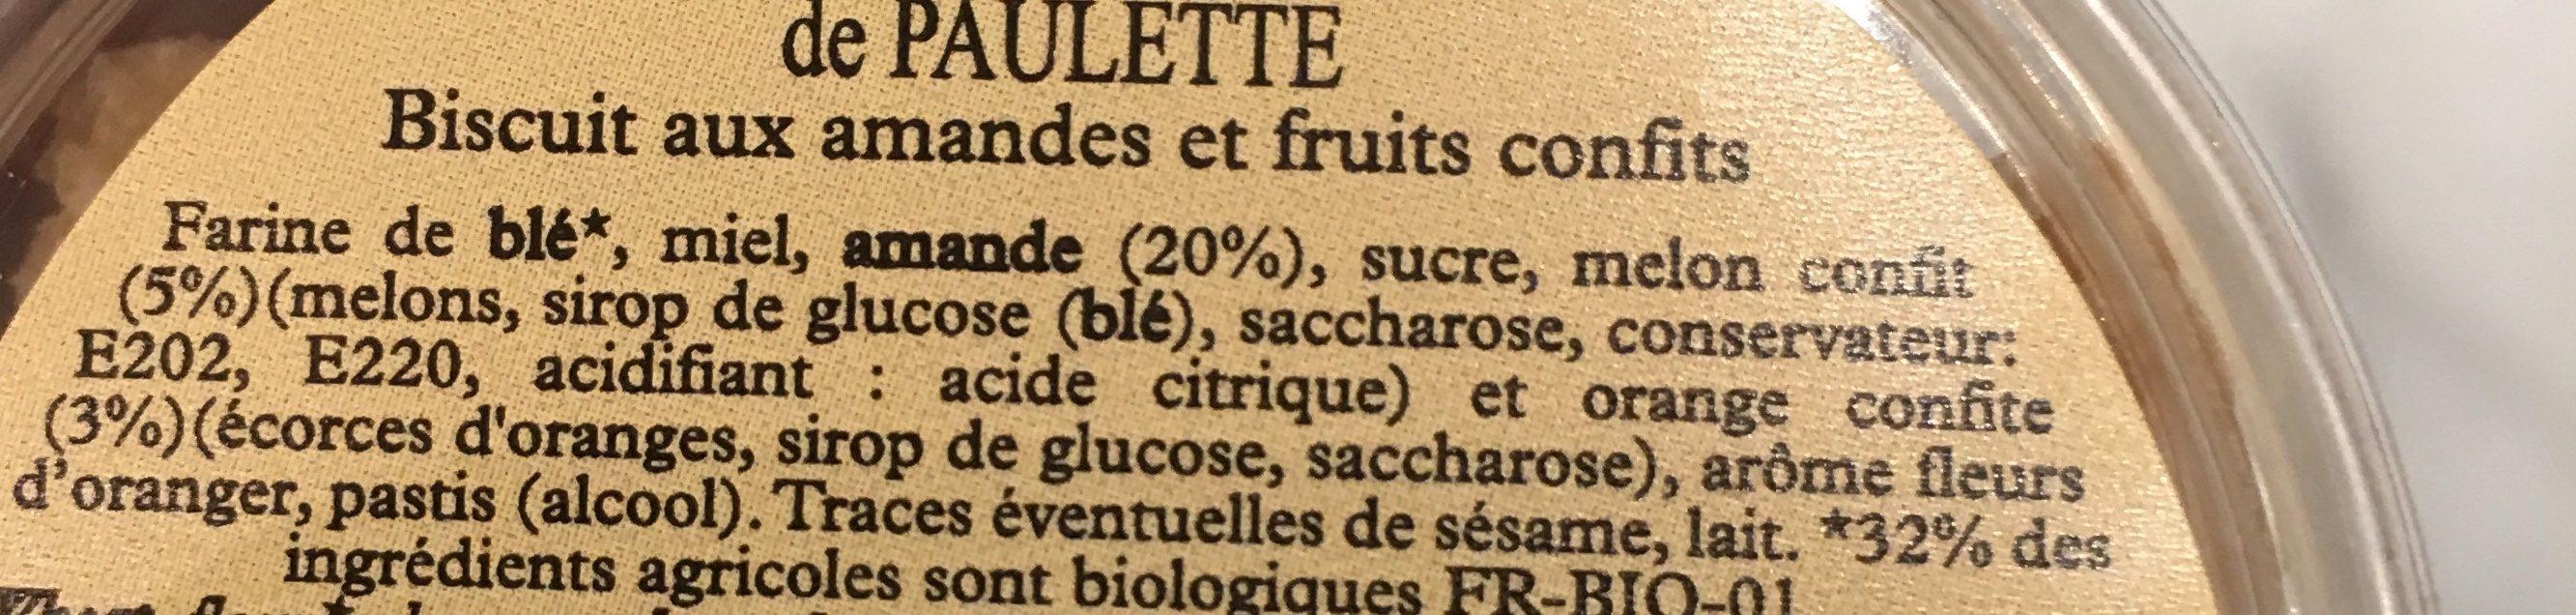 Folies de Paulette - Ingredients